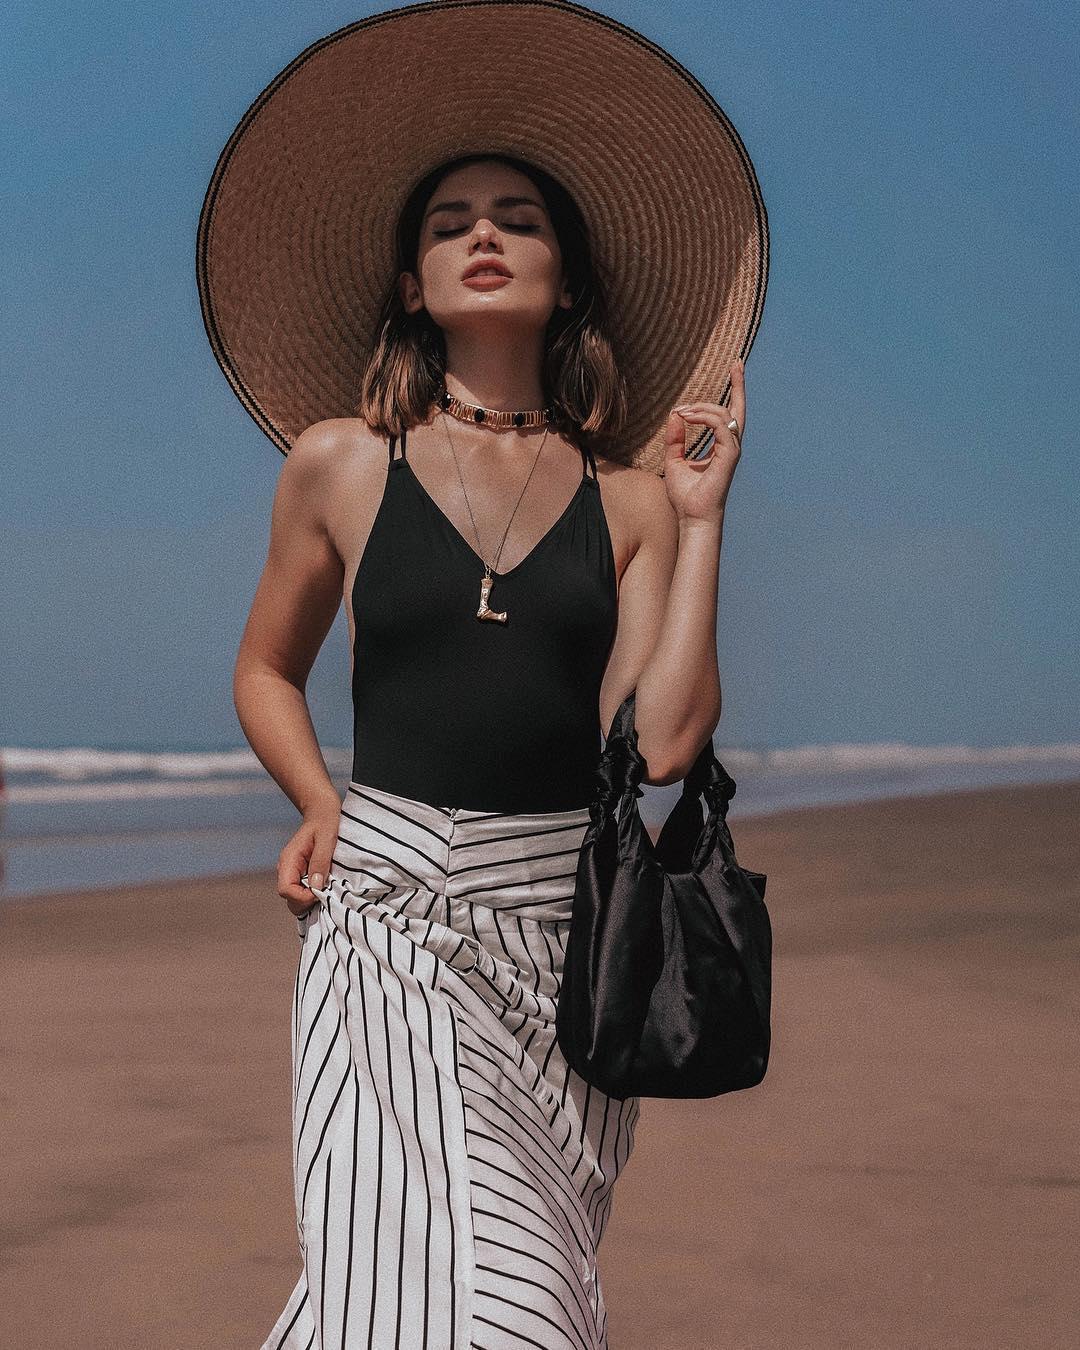 Bodysuit màu đen, chân váy sọc, mũ cói mùa hè